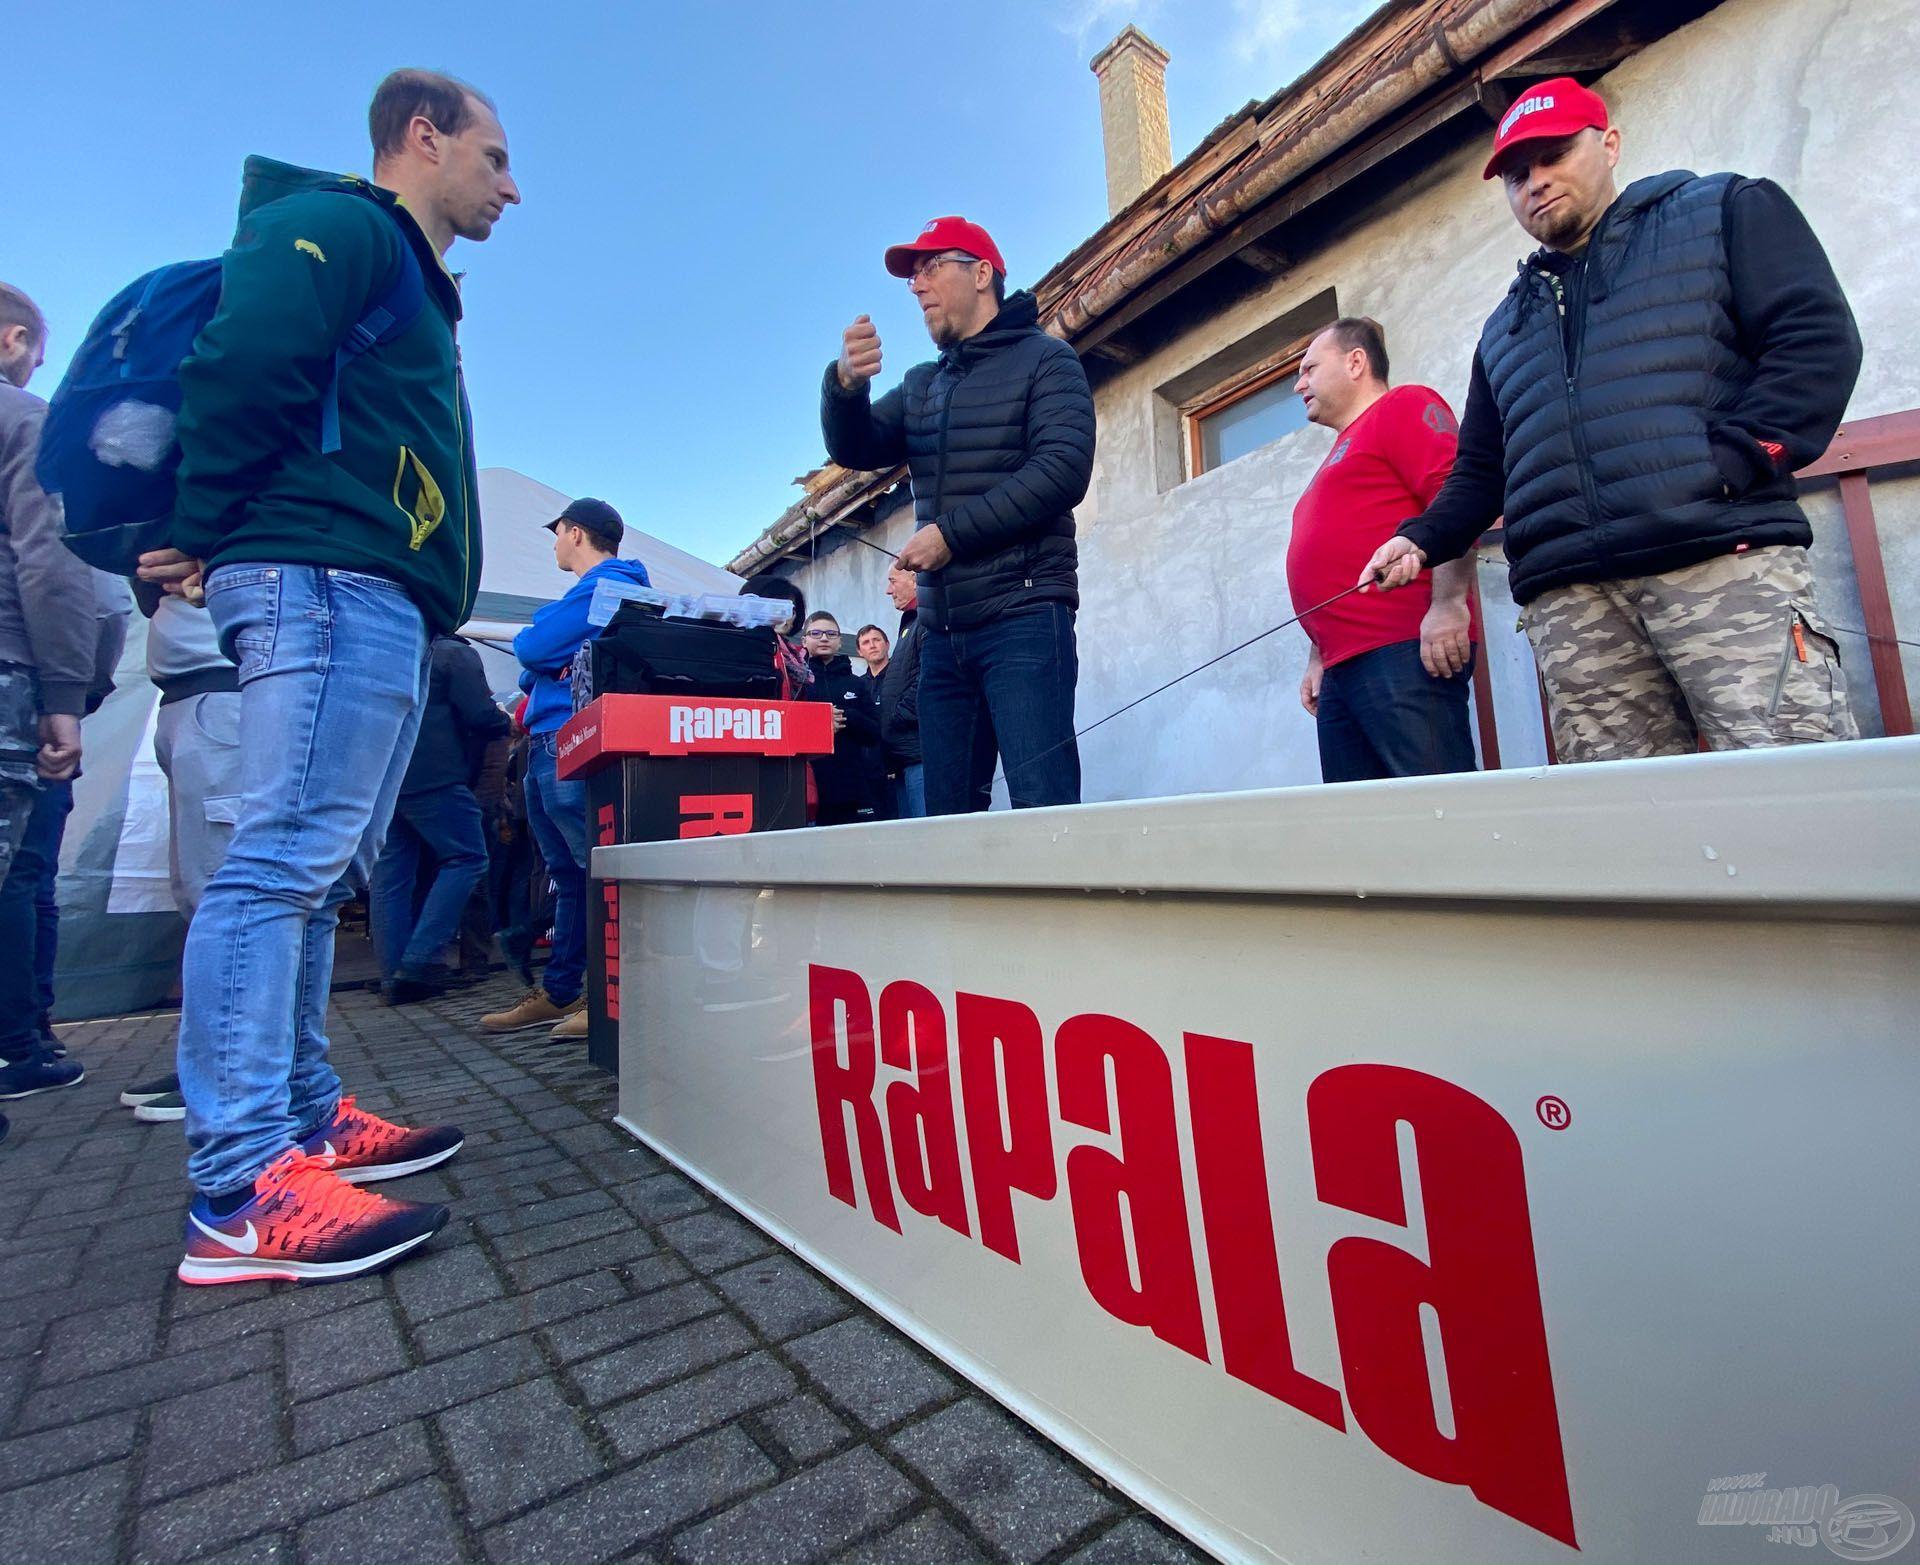 Rapala/Storm csalik is életre keltek a medencében